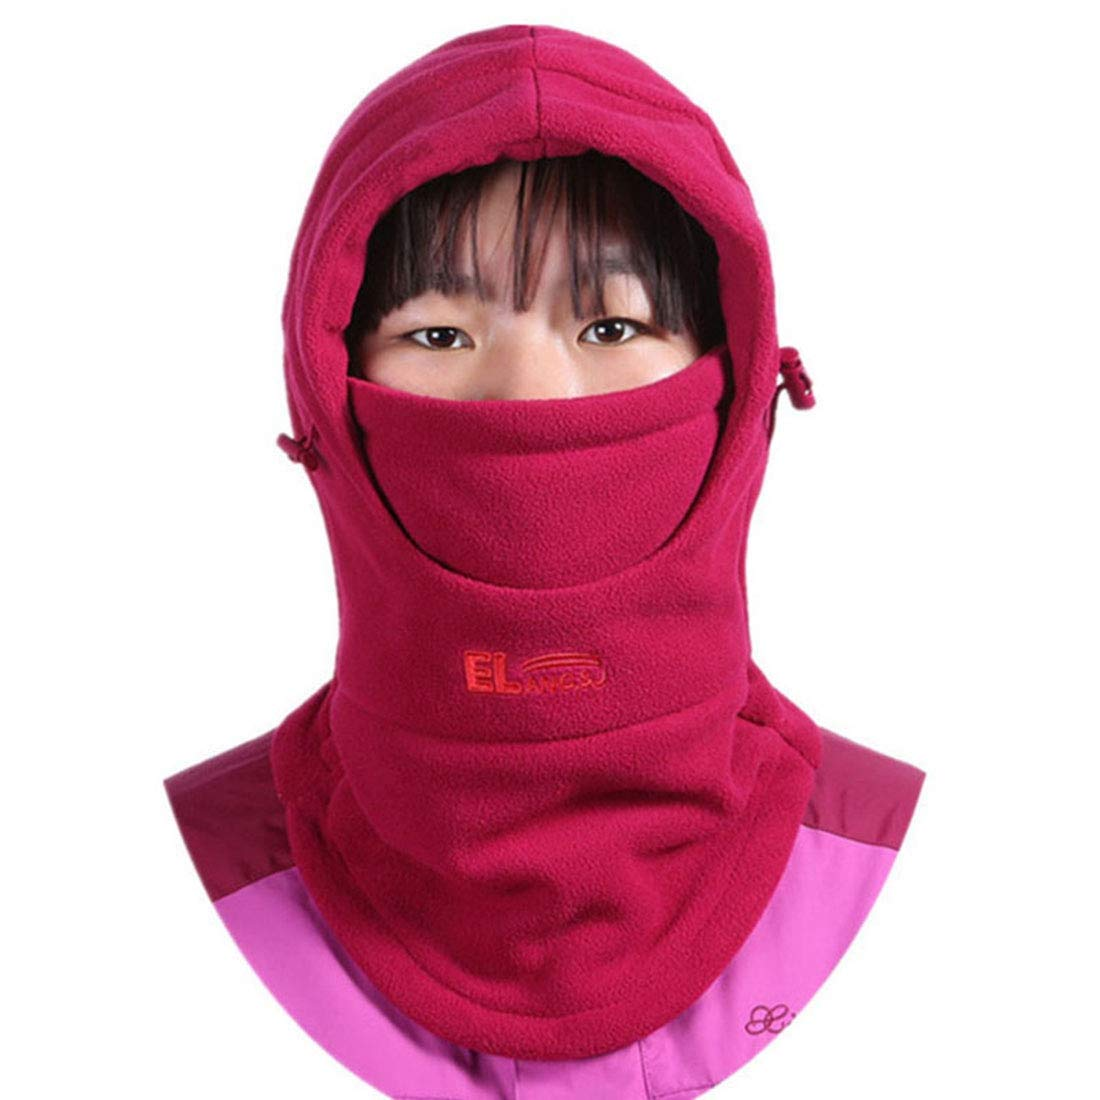 Xianheng Children Face Cover Hat Balaclava Mask Girls Boys Winter Warm #12 XHCCCP0249-5/XHCA